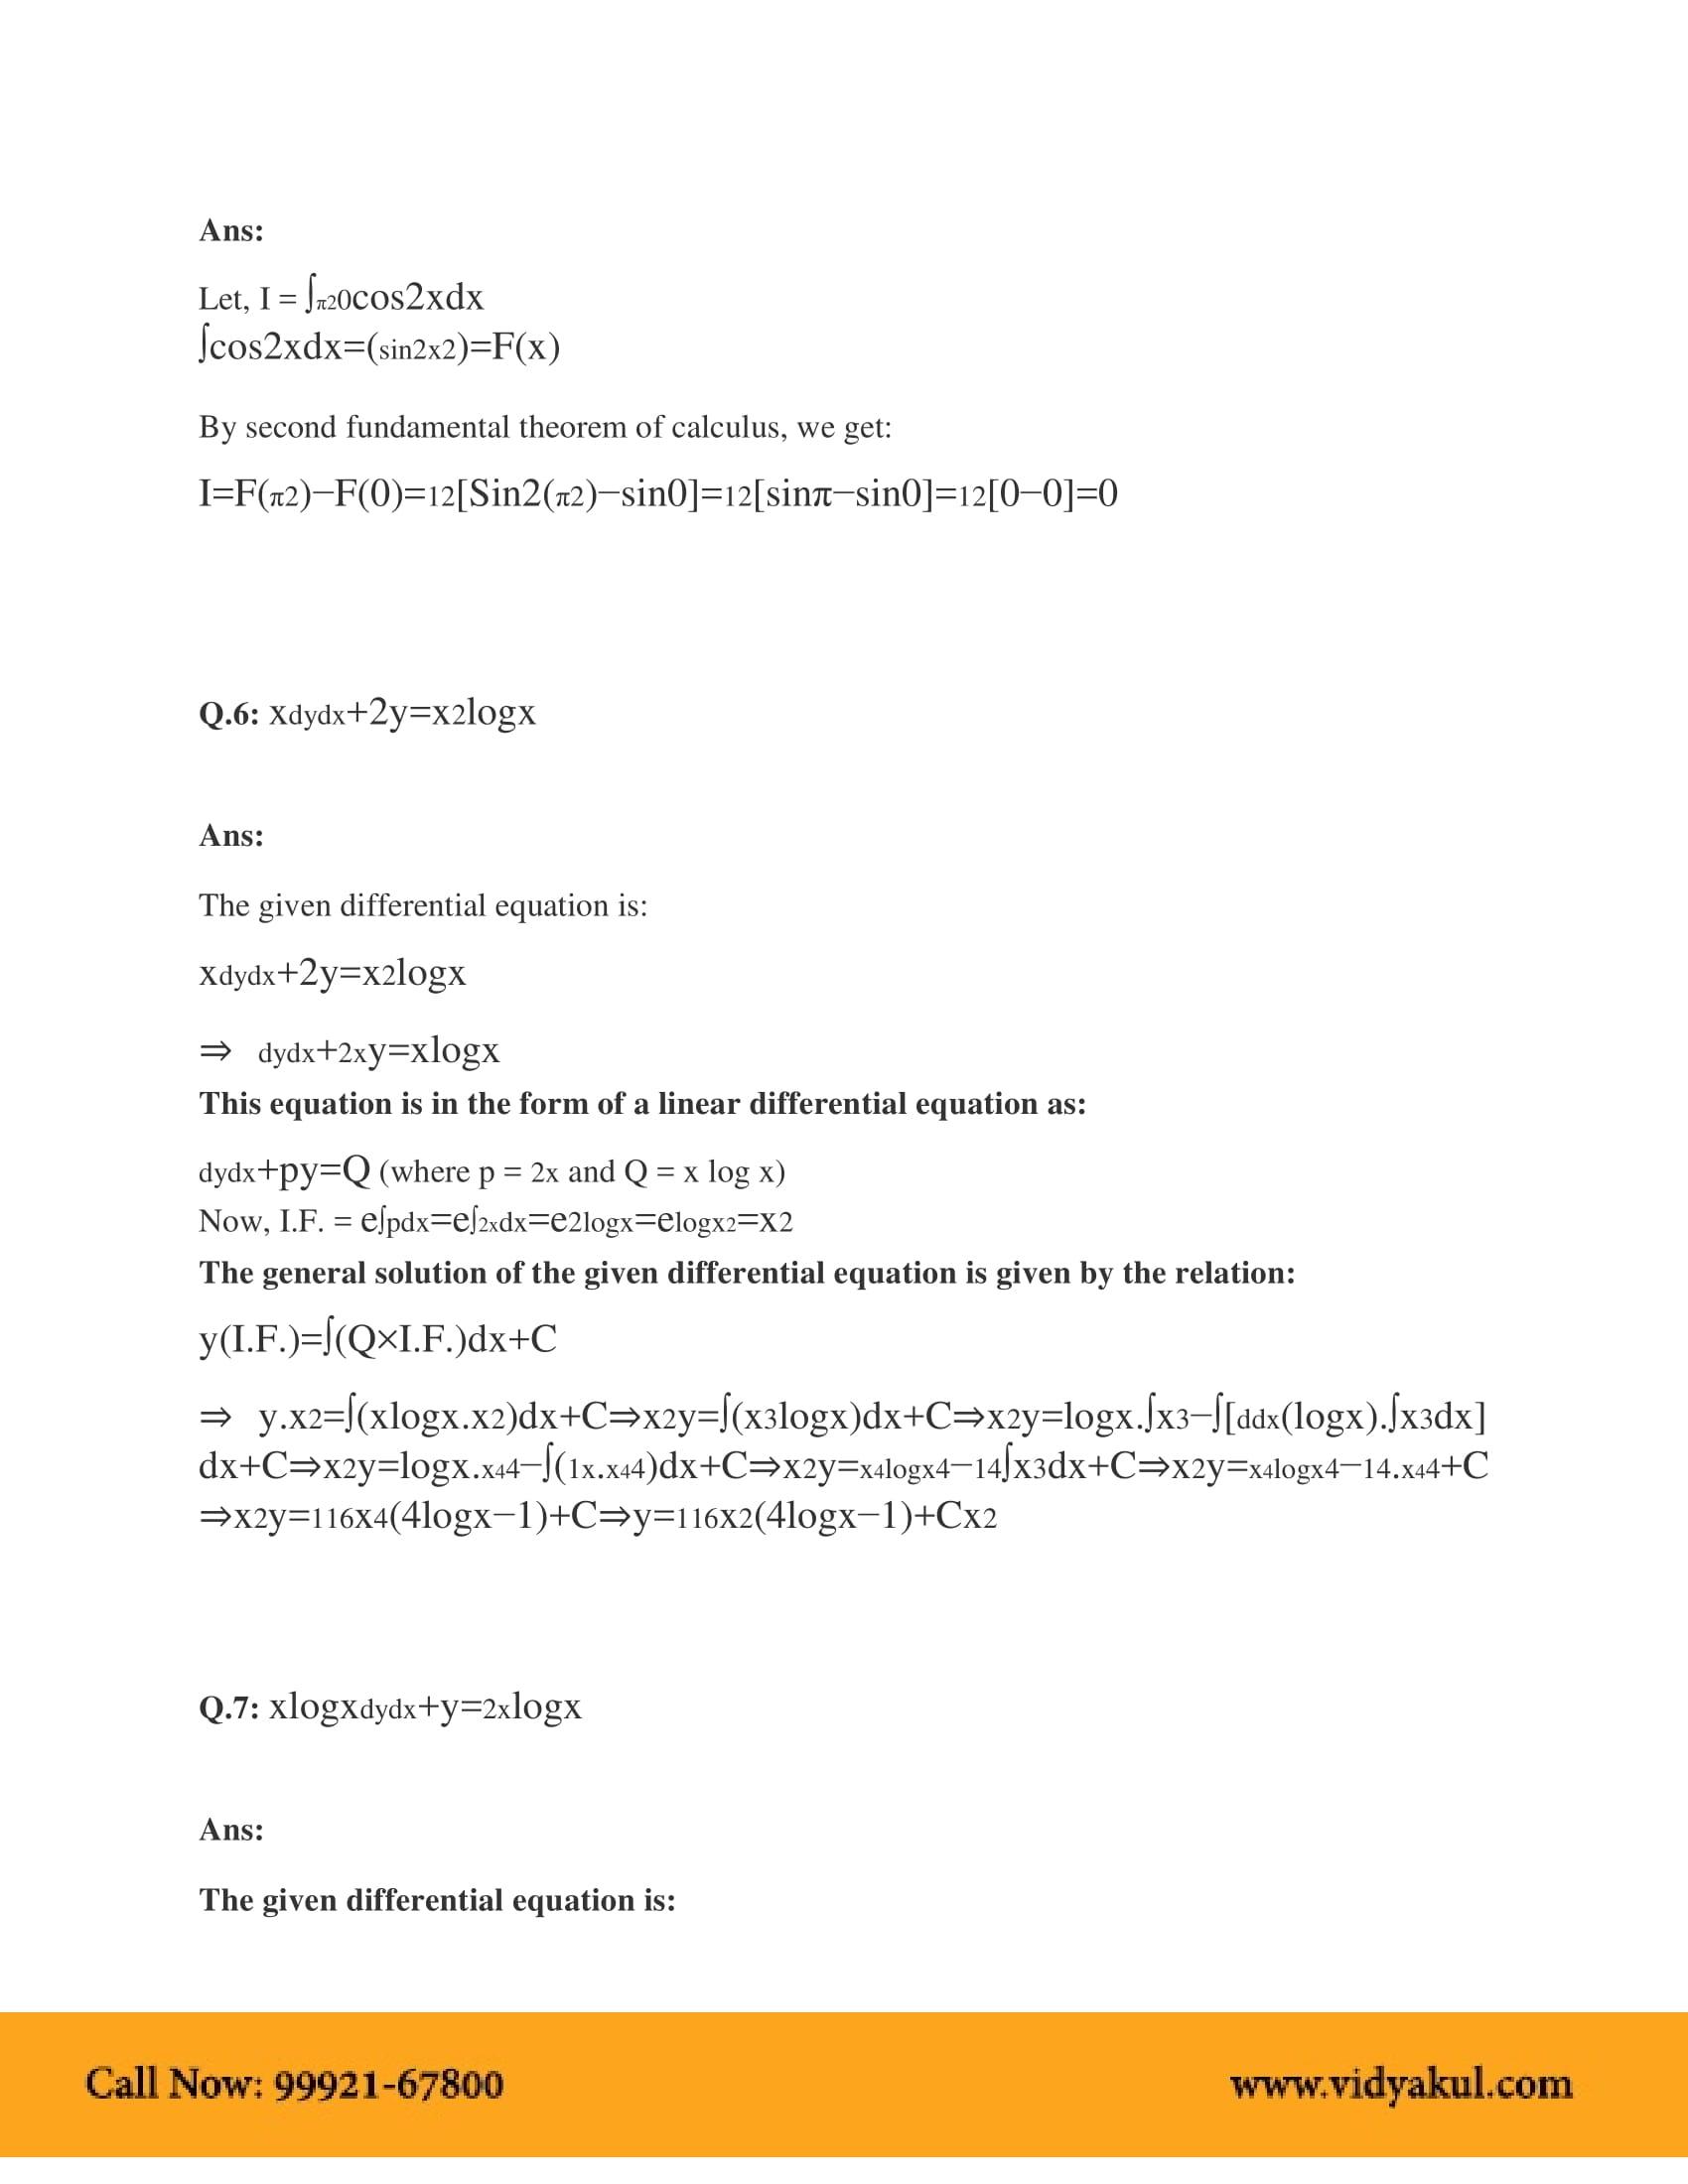 NCERT Solutions for Class 12 Maths Chapter 9 | Vidyakul